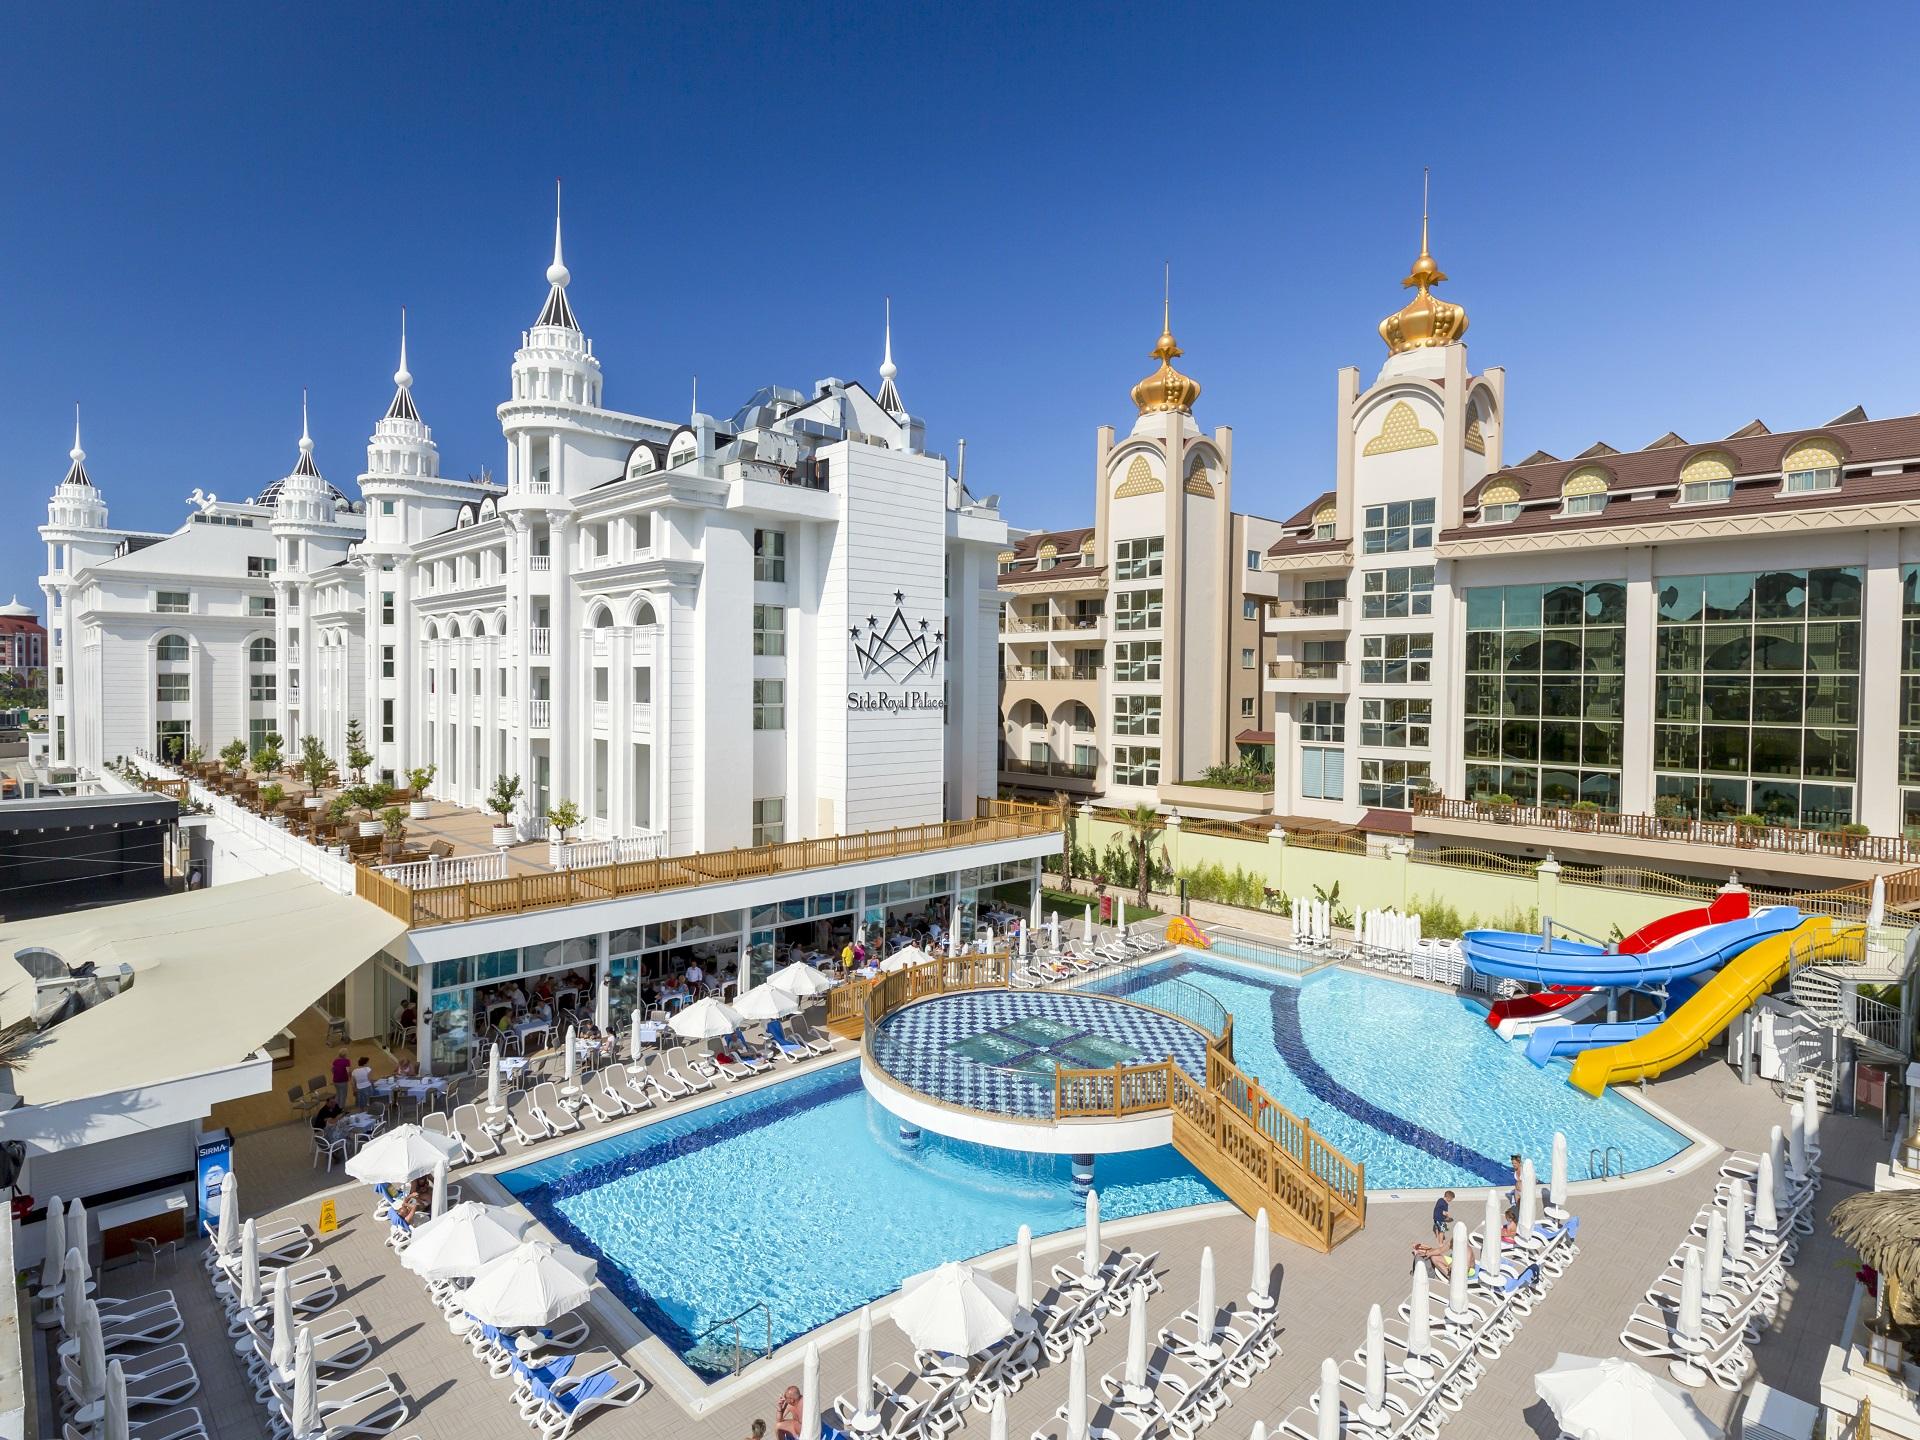 L Tur Hotel Wien